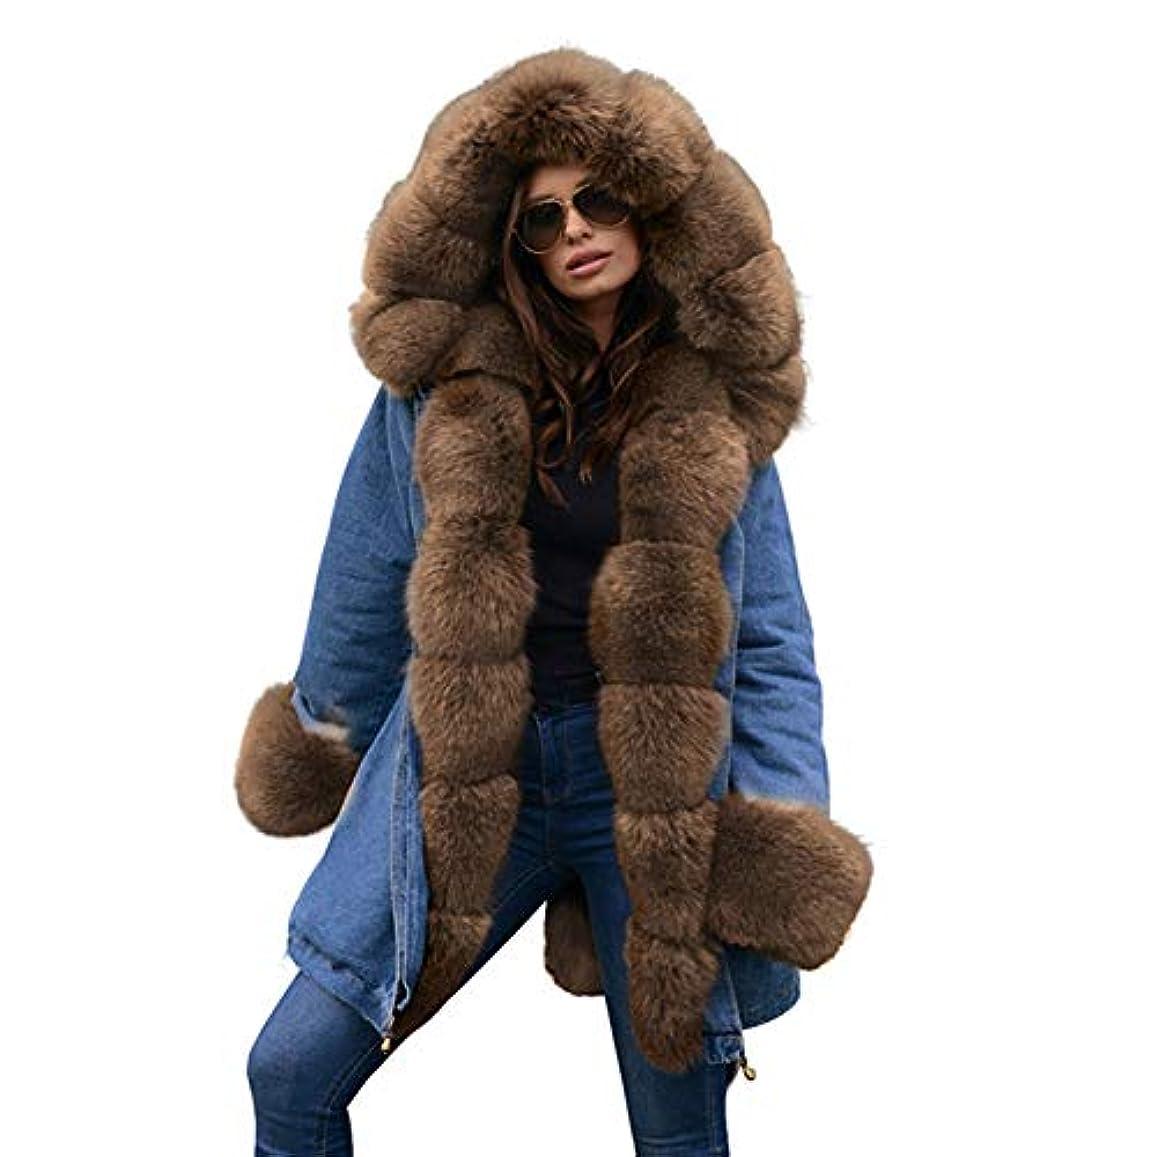 従事するコカイン広告する厚手フード付きジャケット女性ウィンターフェイクファーカラーコートコットンパットオーバーコートロングコートパーカスパーカ,S